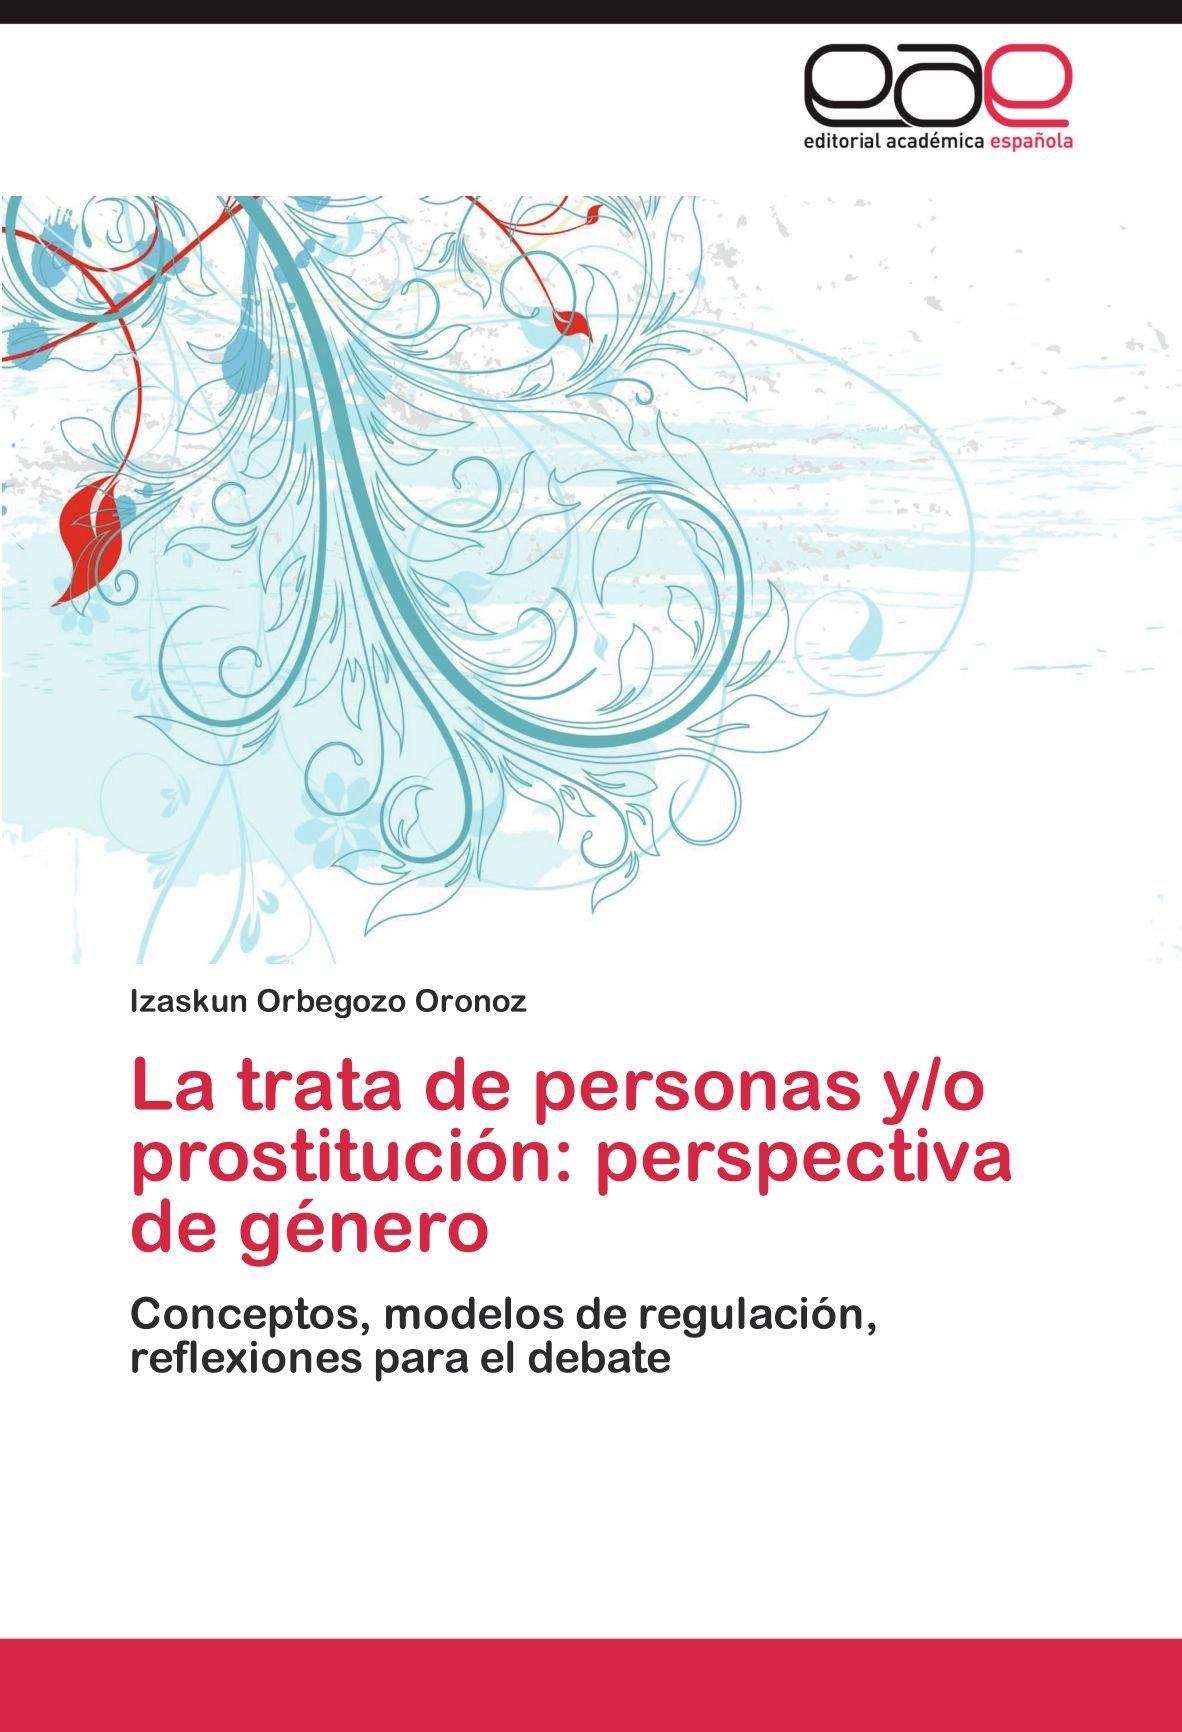 La Trata de Personas Y/O Prostitucion: Perspectiva de Genero: Amazon.es: Orbegozo Oronoz, Izaskun: Libros